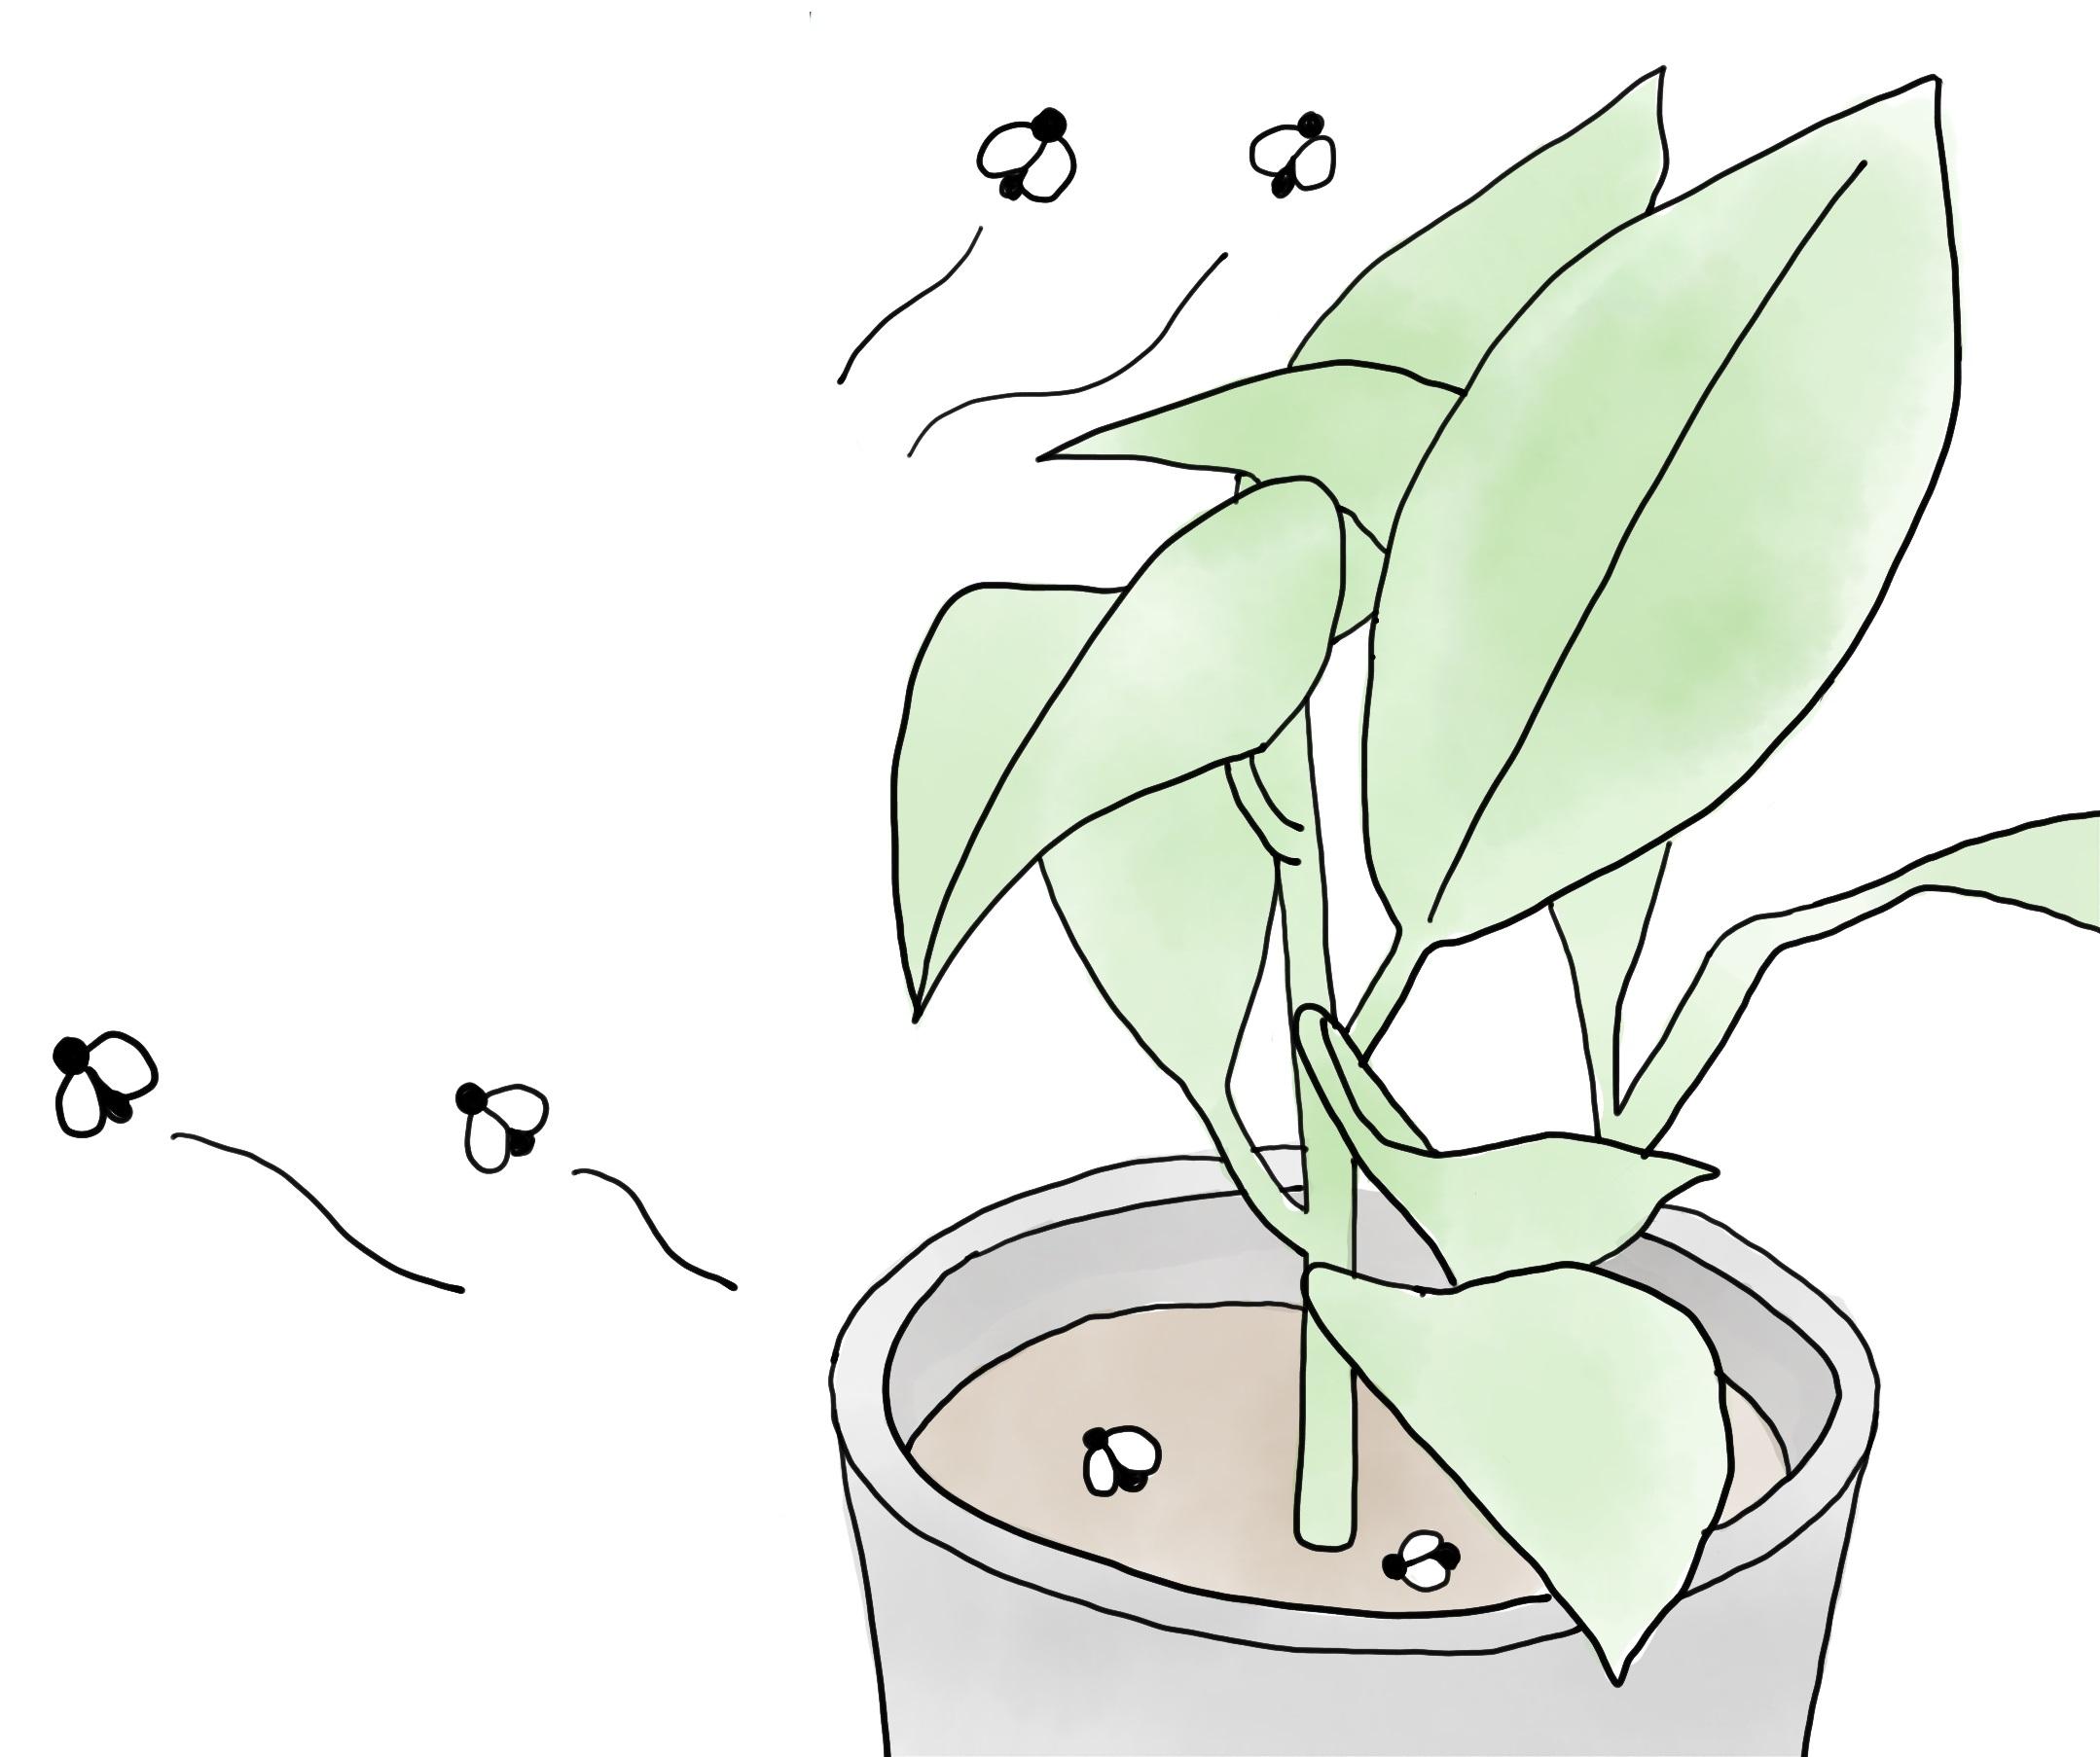 コバエは、観葉植物自体に発生するわけではなく、有機肥料や培養土に含まれる発酵した木片や葉など有機物を餌として発生します。日当たりが悪く、風通しも悪い状態で土の表面を常に湿った状態にしておくと、腐った有機物をエサとするコバエの幼虫が生育しやすい環境になります。クロバネキノコバエの幼虫は有機物に発生した菌や、植物自体も食べてしまうので、大量発生すると植物の生育に影響が出てしまい、不快なだけでなくやっかいな害虫です。